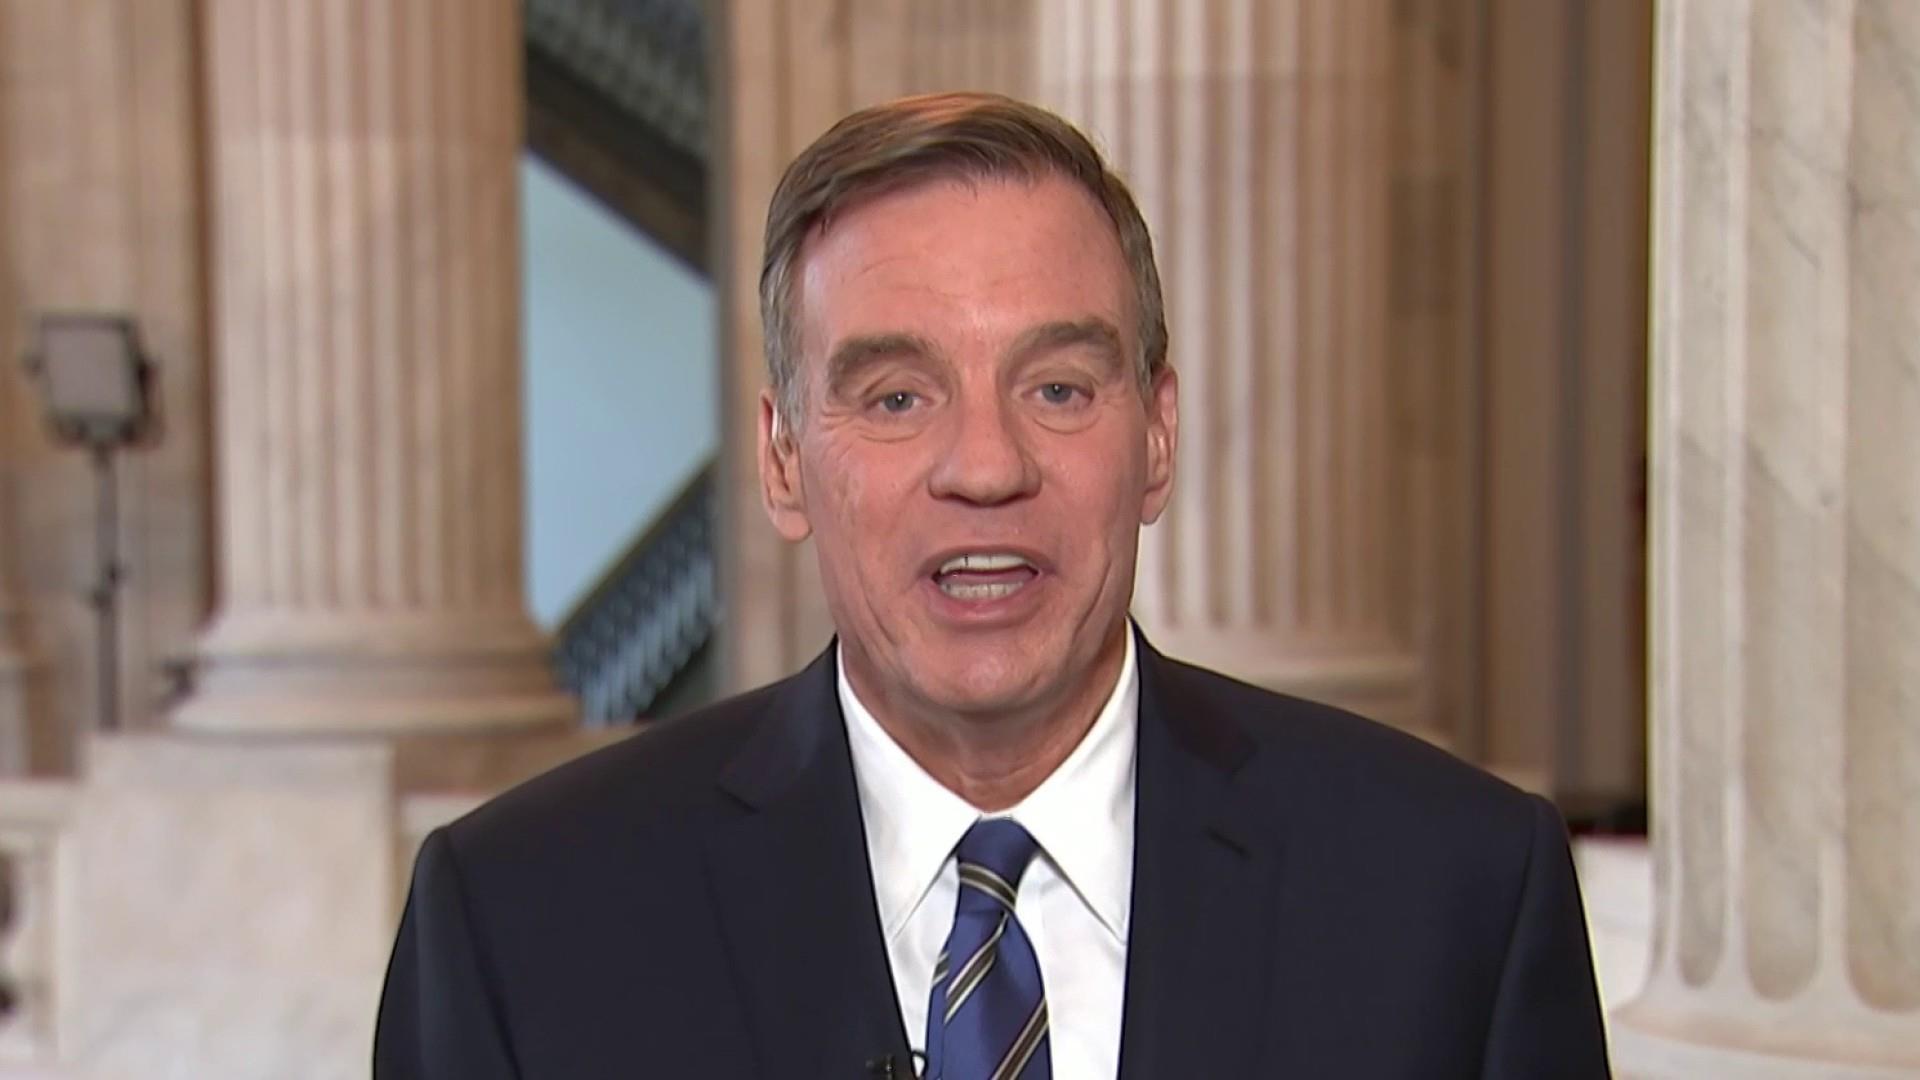 Sen. Warner: Russia will be back in 2020